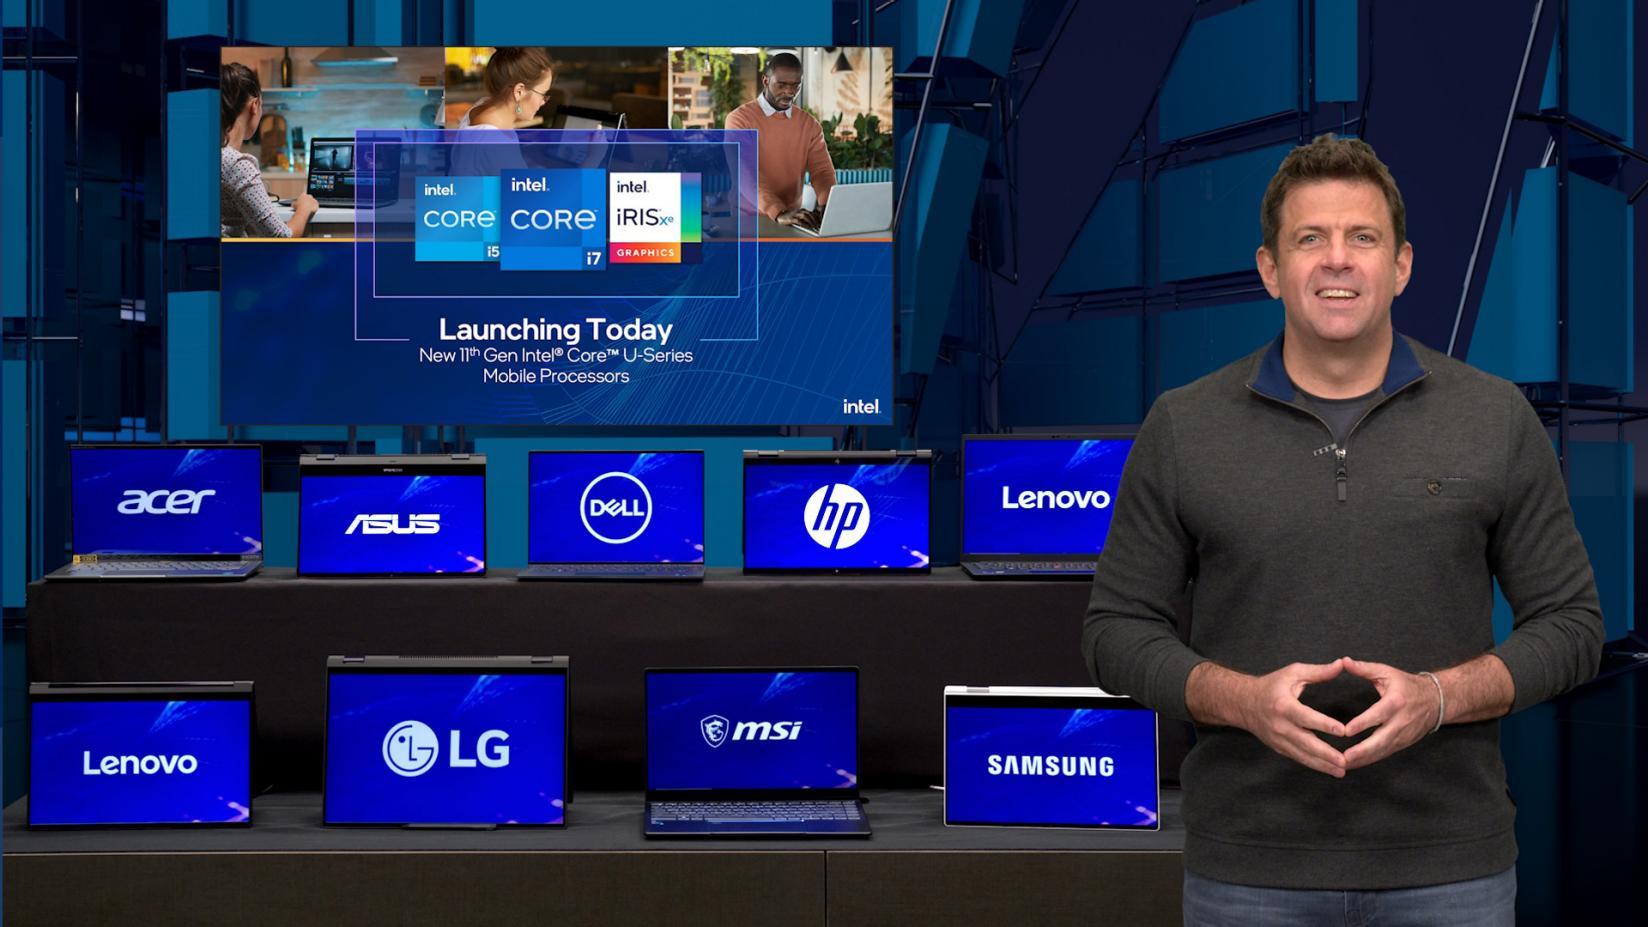 Nuove CPU di 11a generazione Intel Core e altre novità al Computex